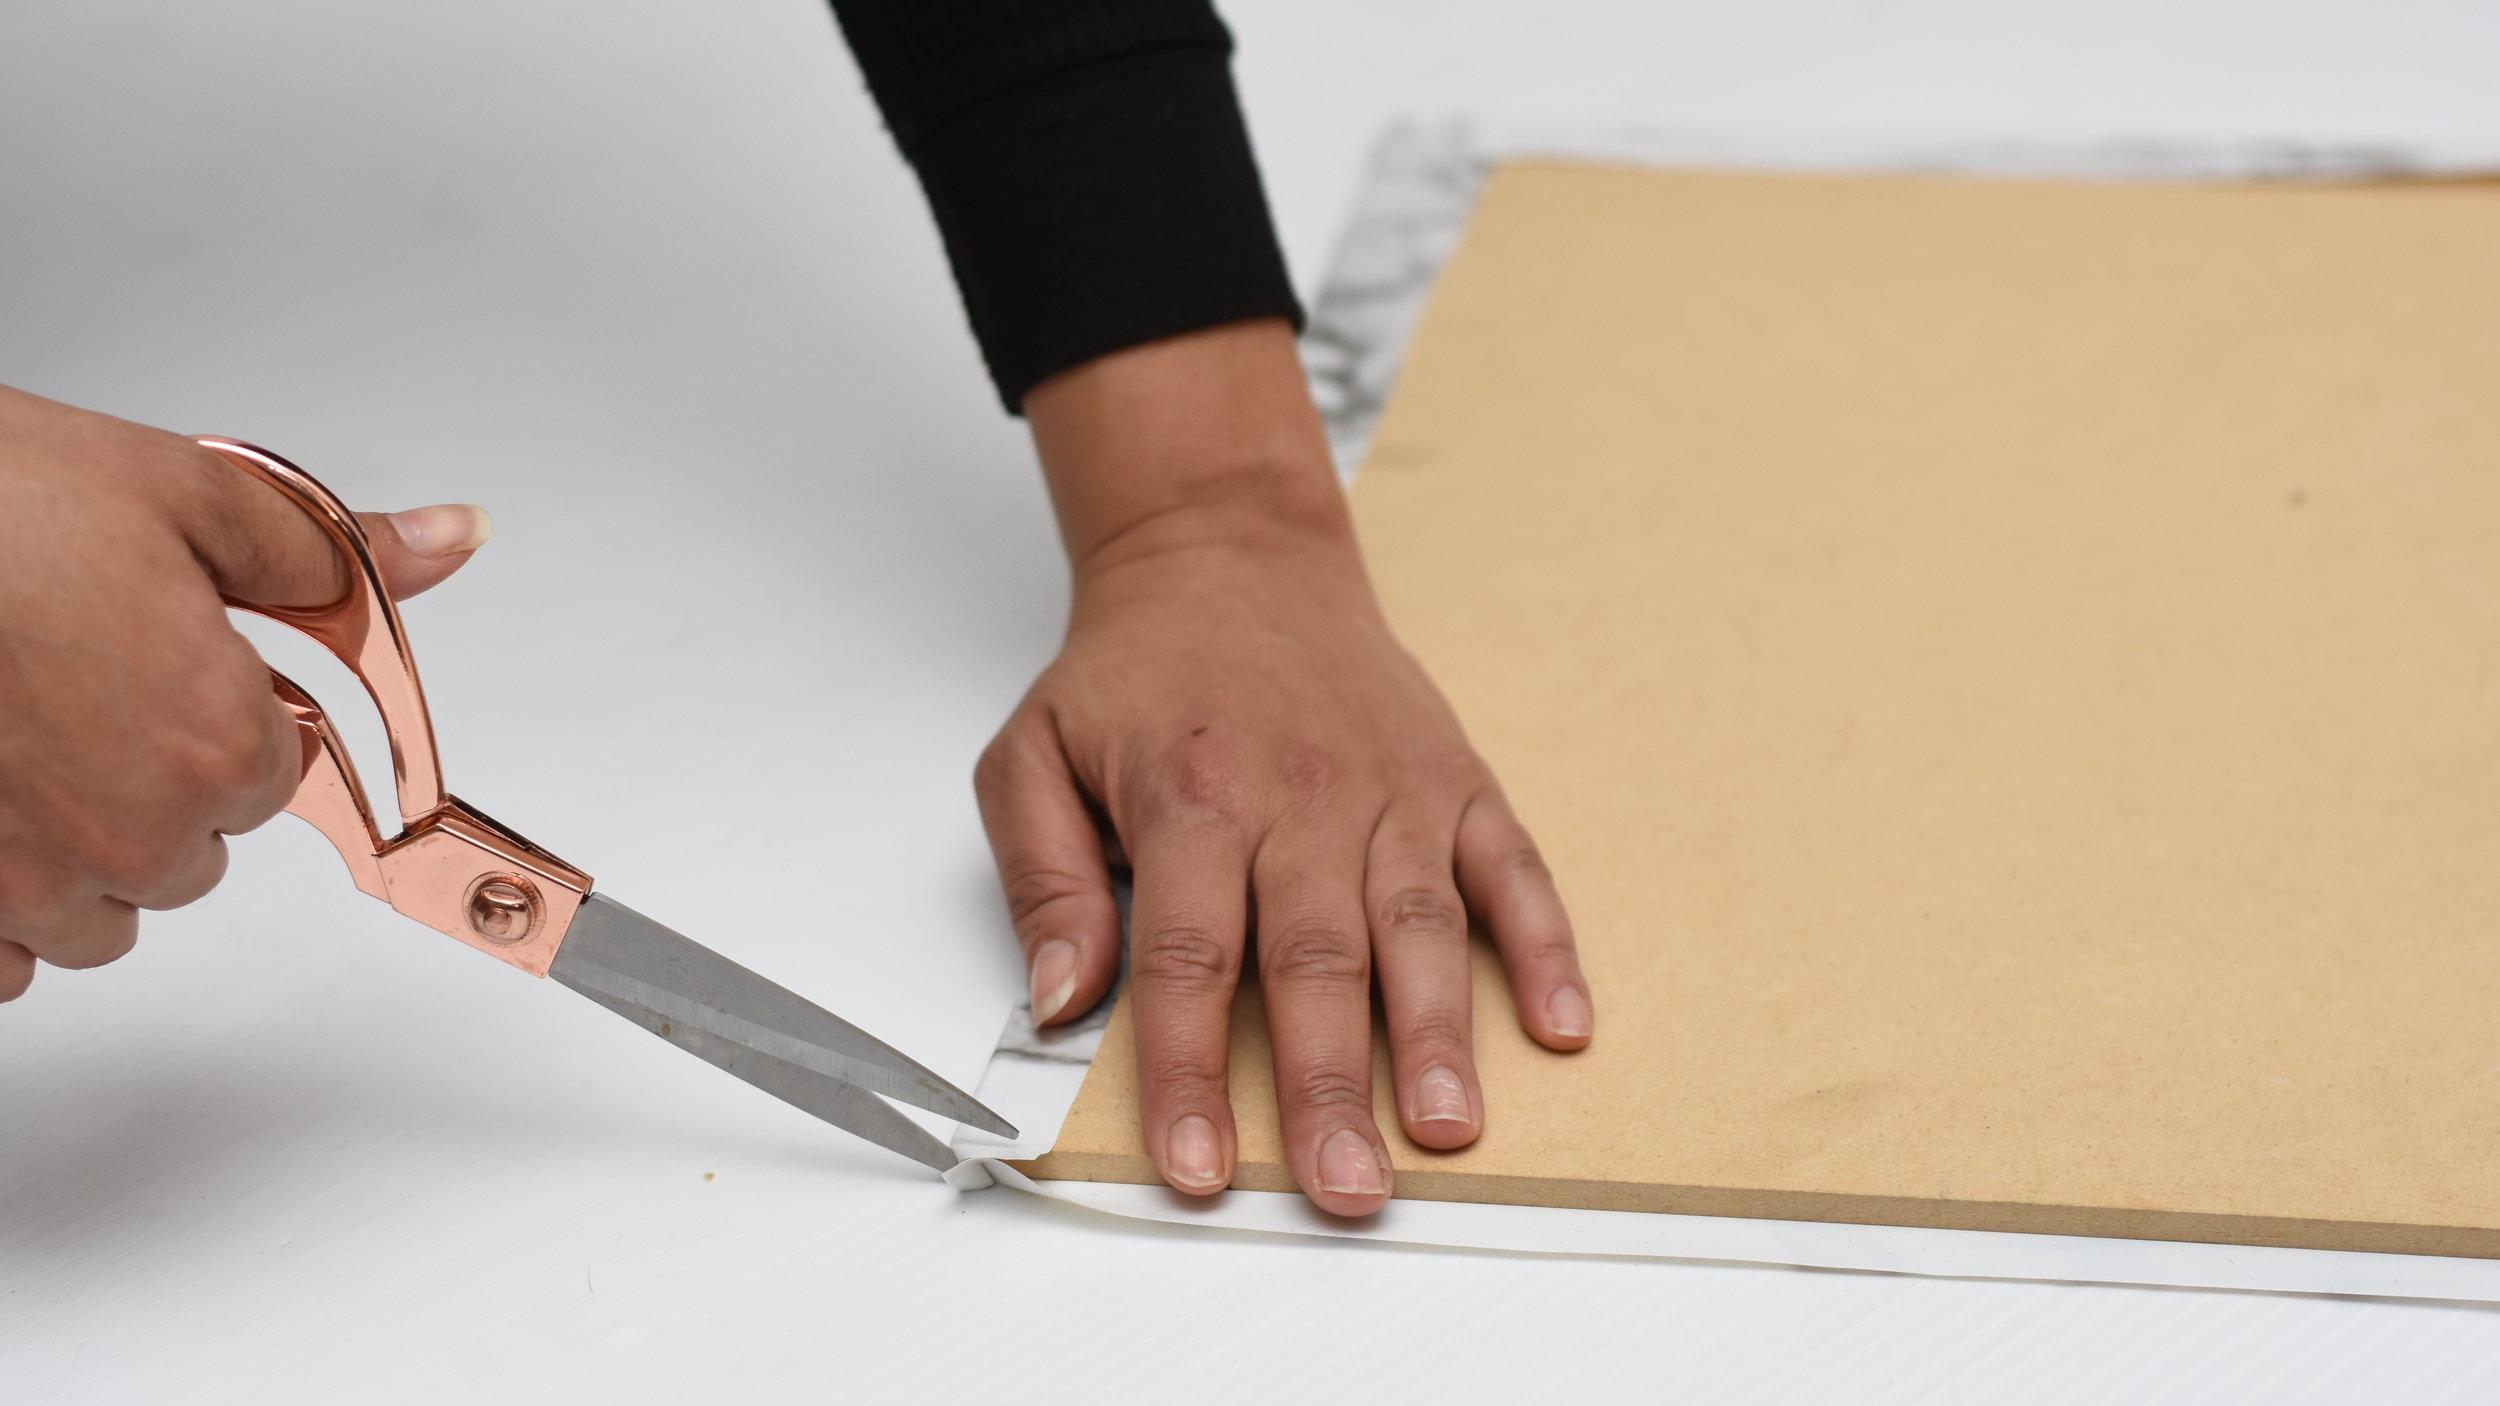 diagonal cuts